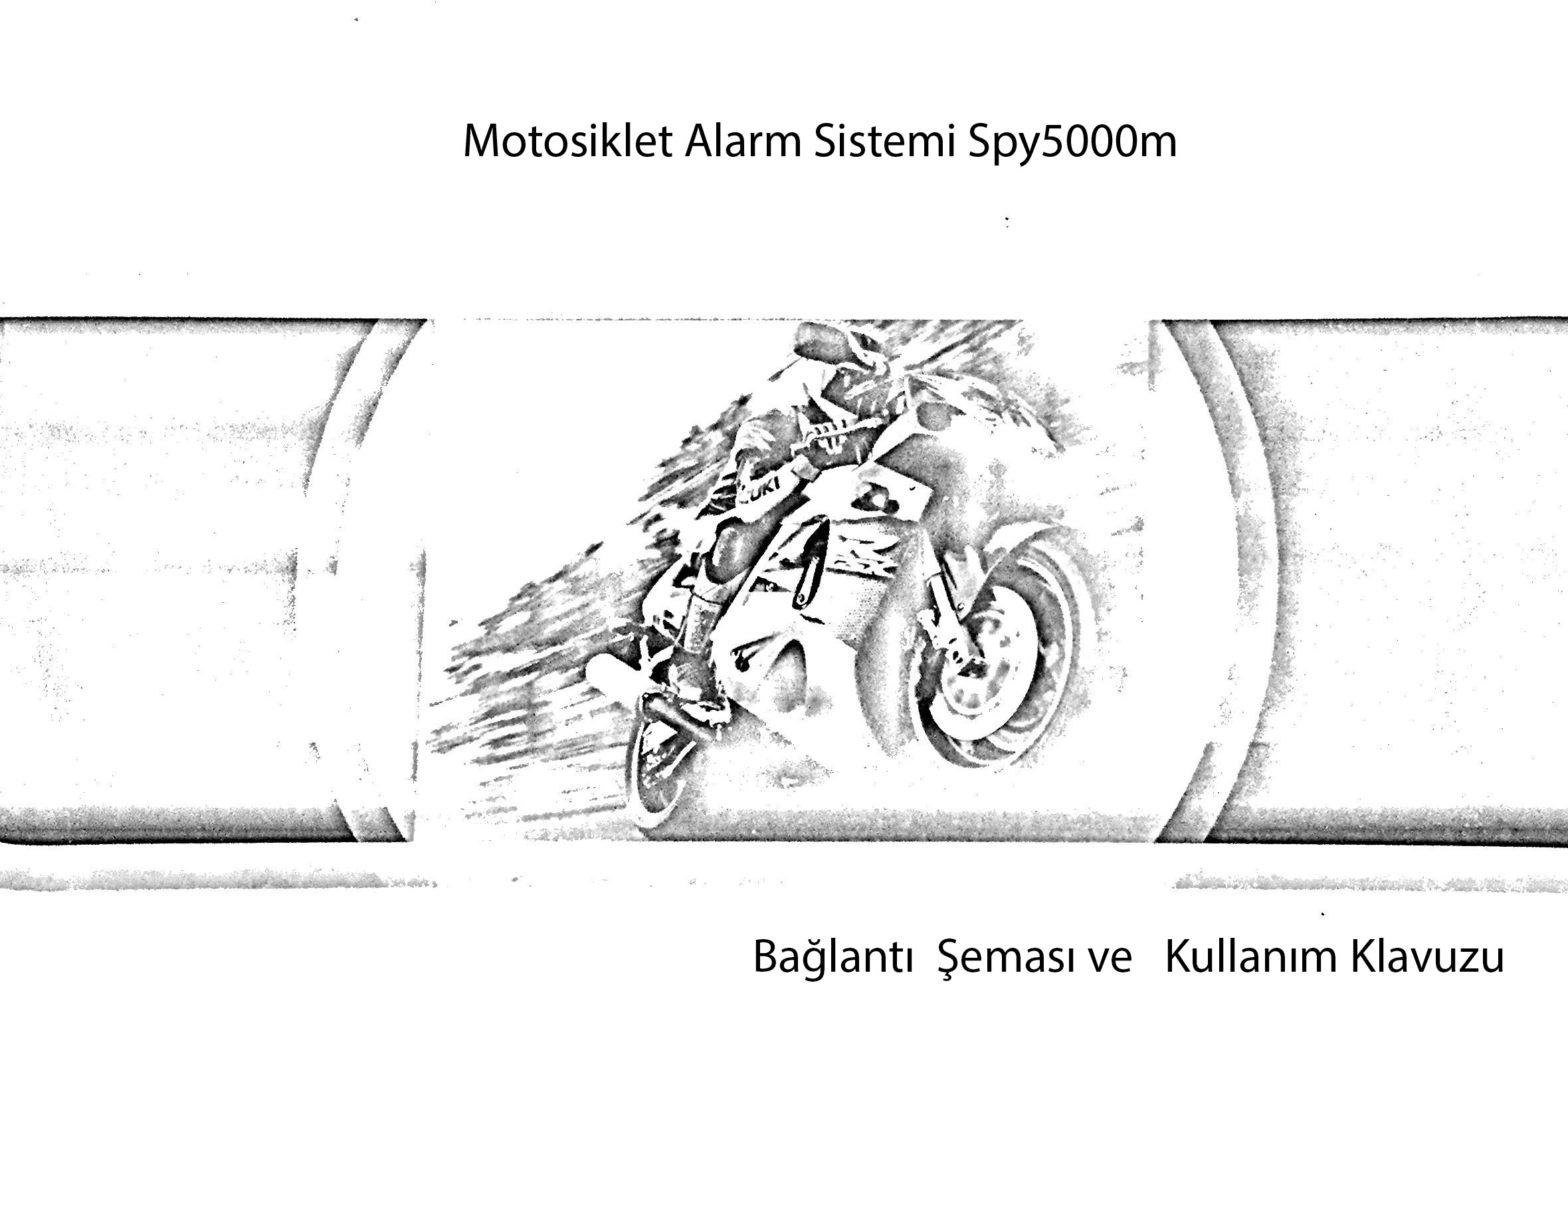 Motosiklet alarmı spy5000m Türkçe Kullanım klavuzu